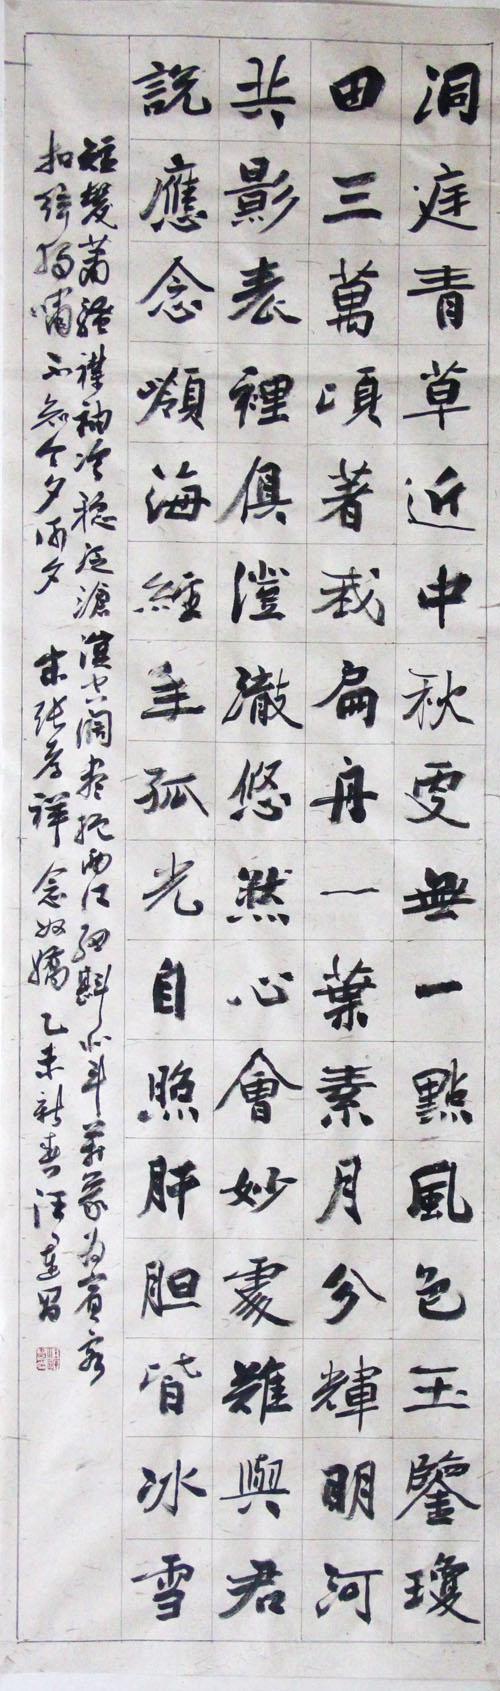 楷书张孝祥词172x54cm2015